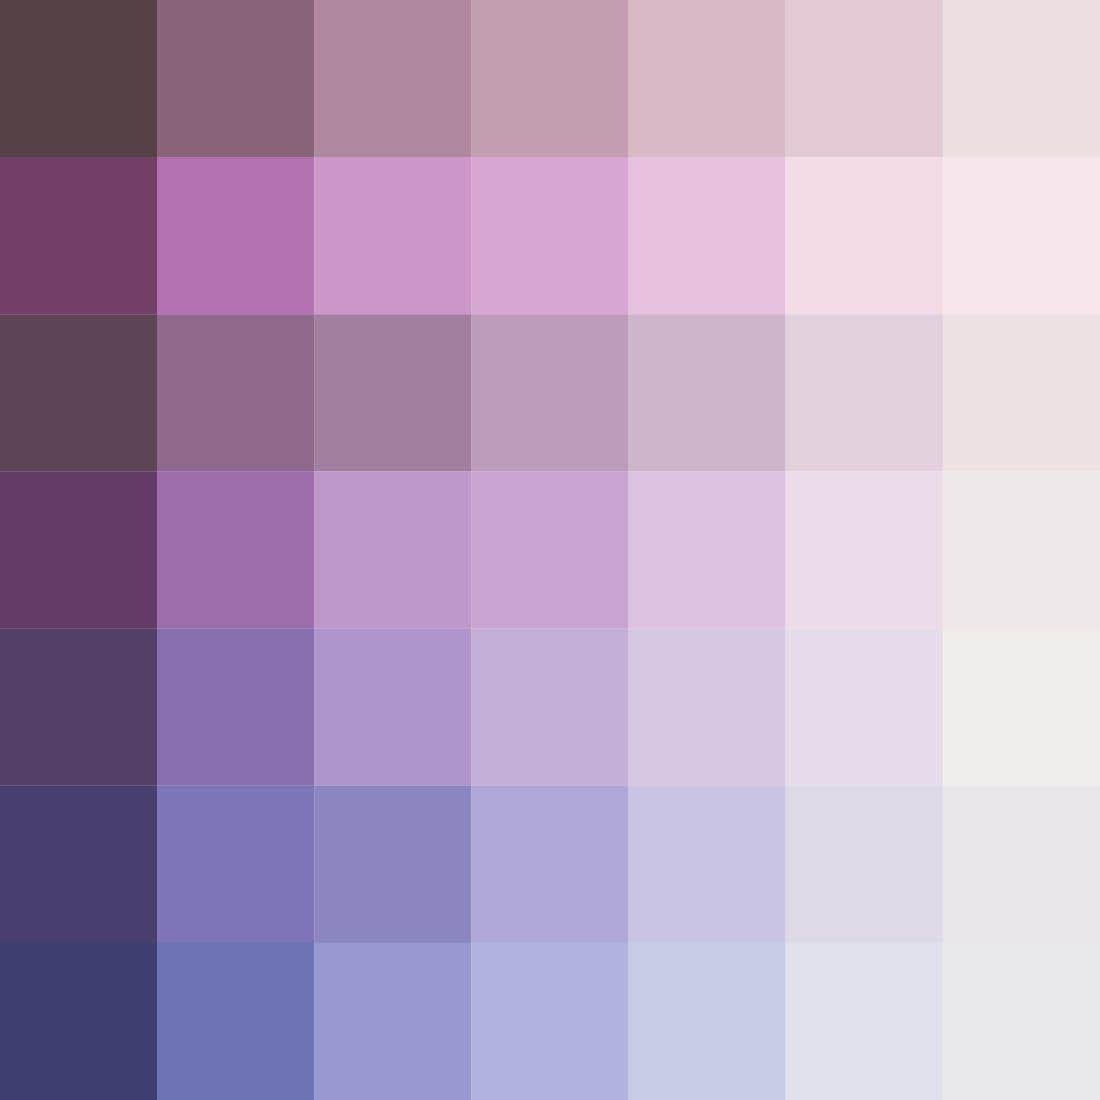 Mauvilac industries nuancier violets pourpres - Nuance de couleur peinture ...